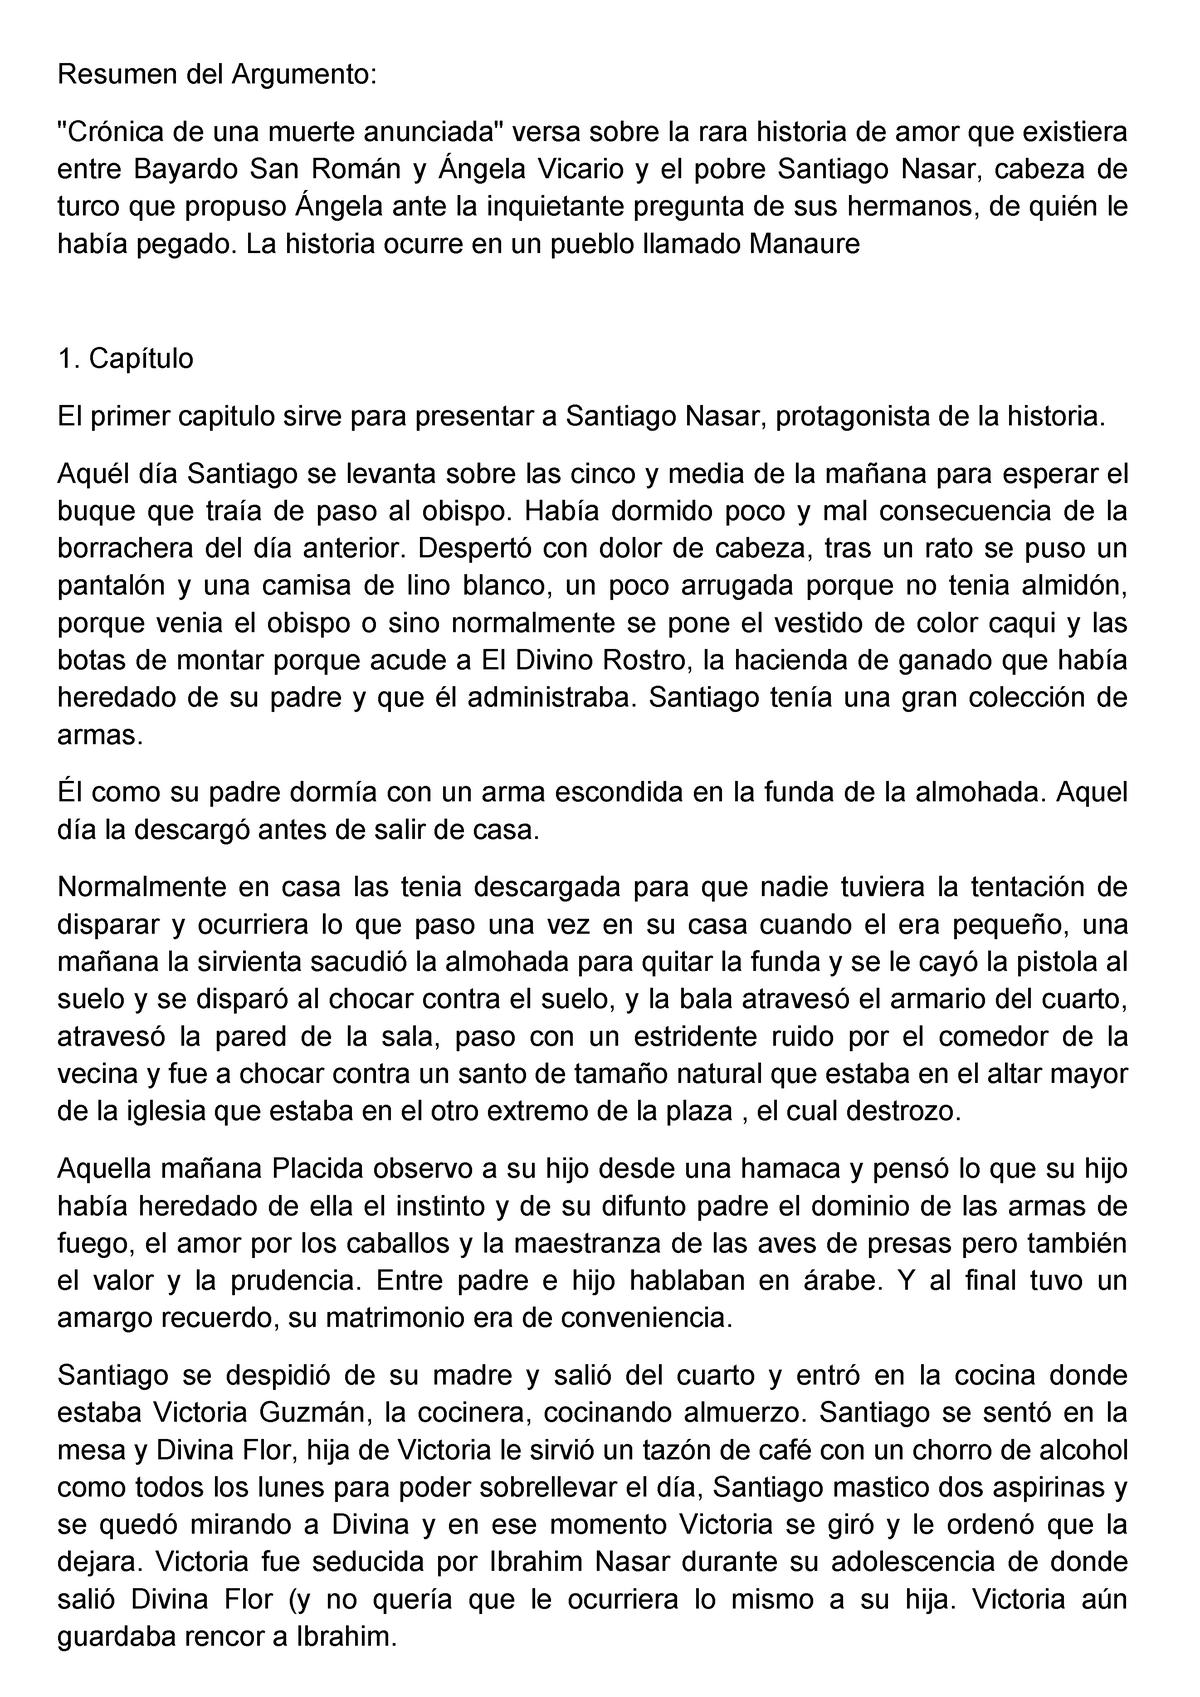 Resumen Cronica De Una Muerte Anunciada Studocu